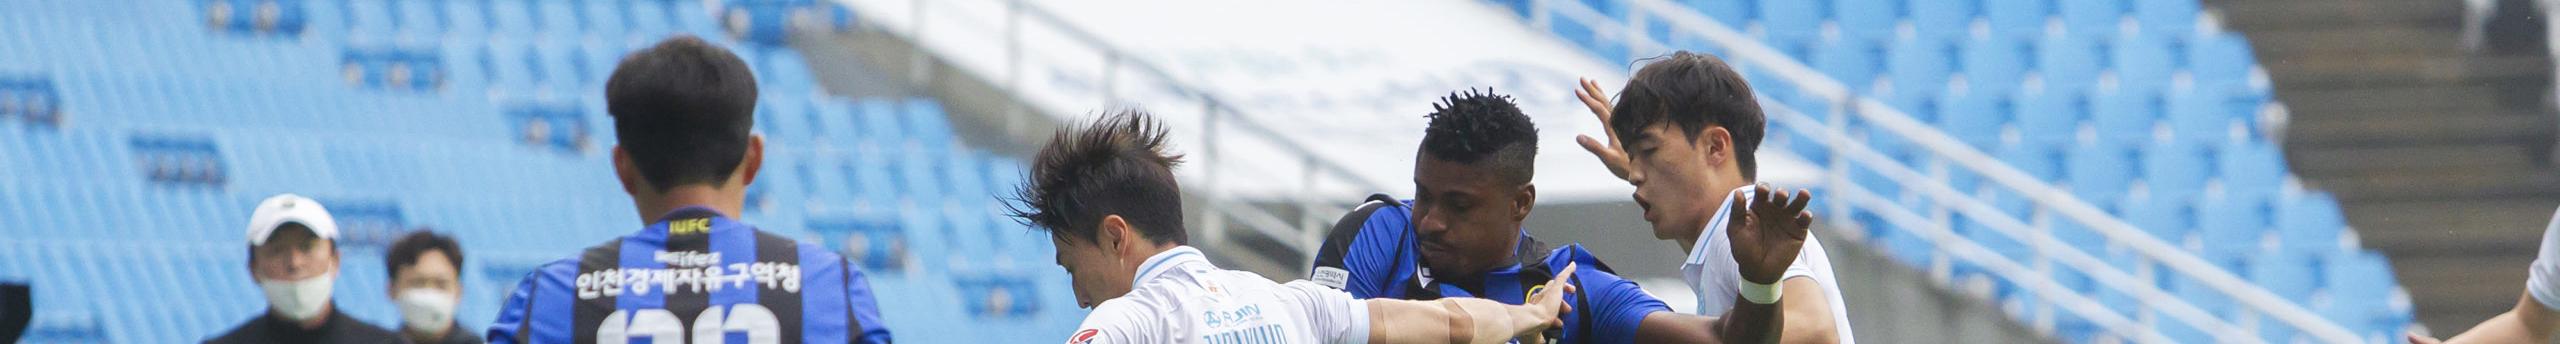 6ª giornata di K League, pronostici e quote: tigri contro gazze, chi si ferma è perduto